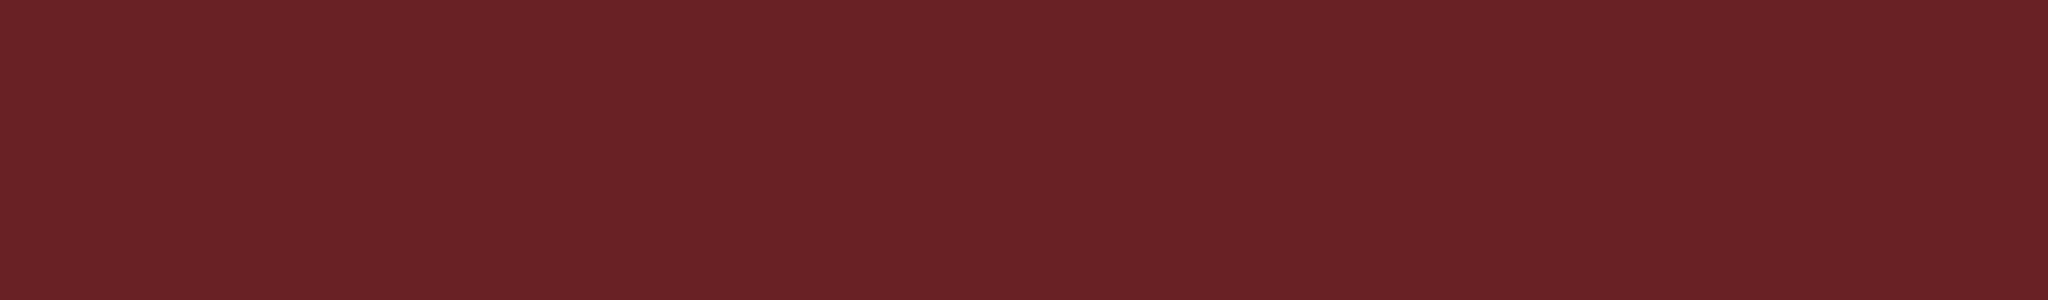 HU 130750 ABS hrana červená tmavá hladká lesk 90°